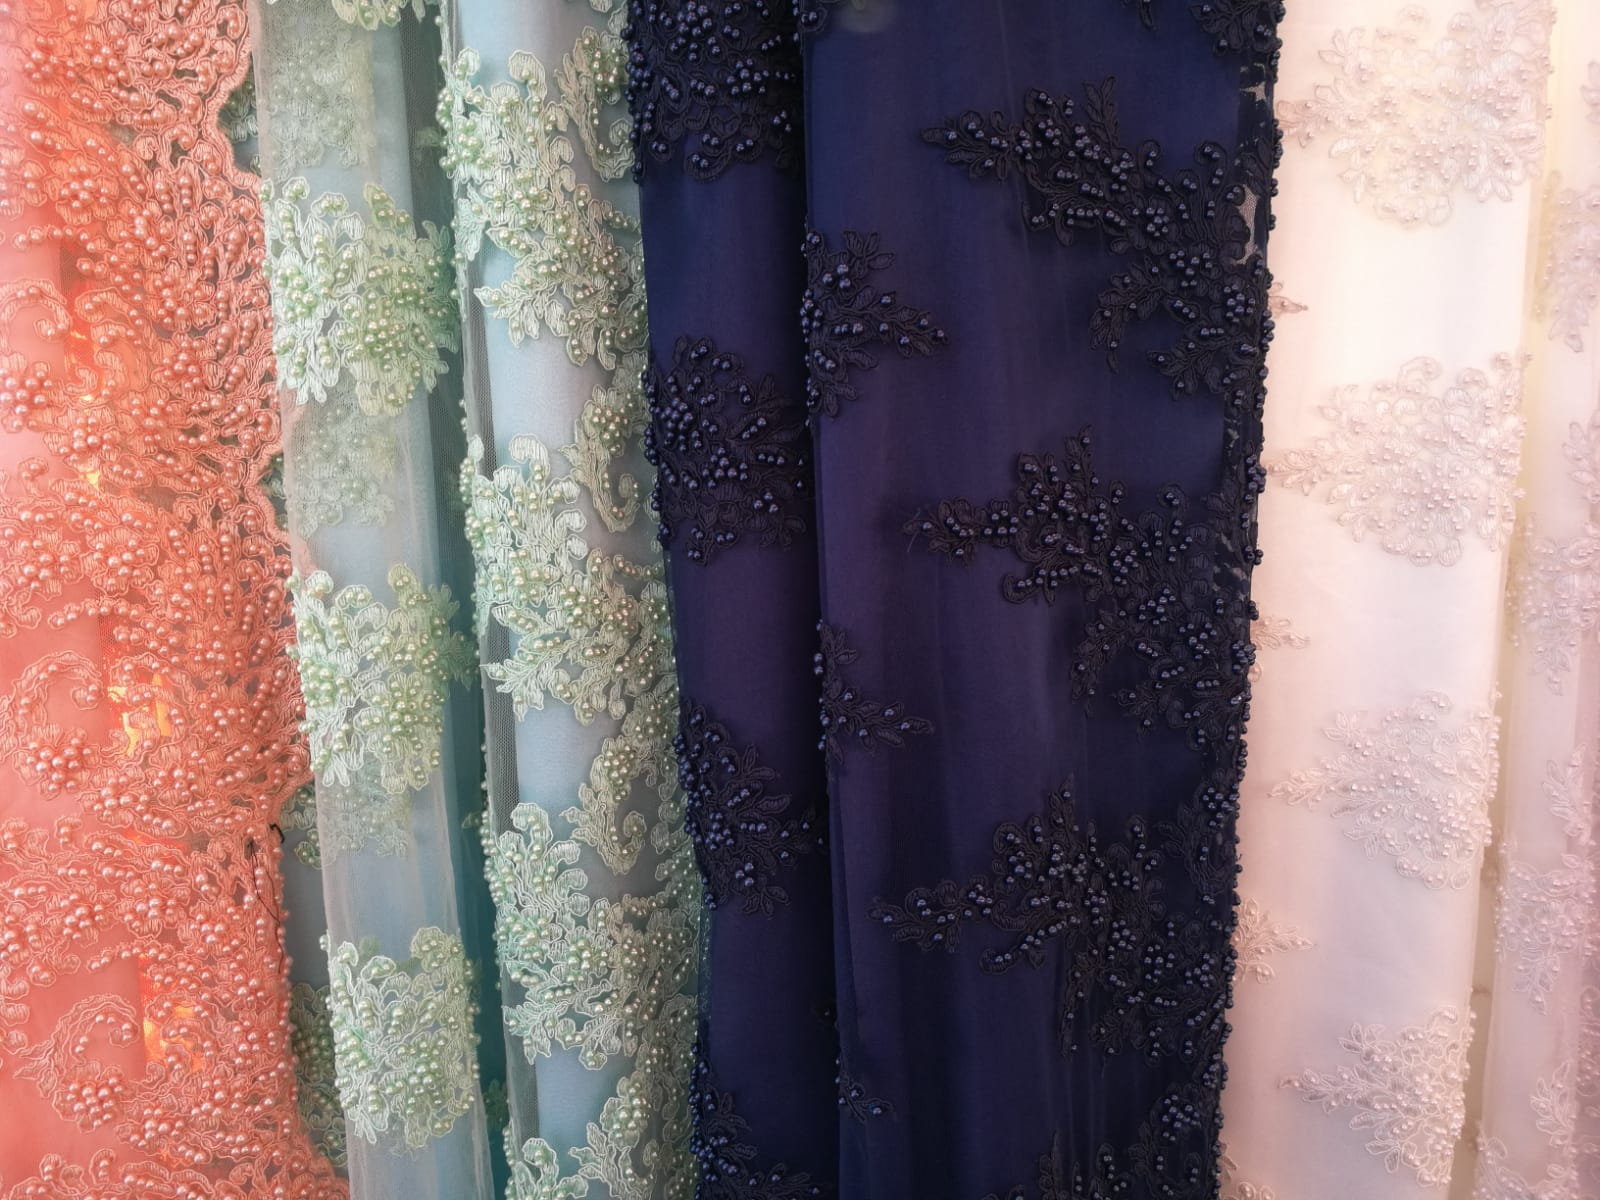 Coupon de 3M de tissu perlée, Tissu perlée, tissus perlée, tissu perles, tissus perles - Acheter du Tissu, acheter du tissu pas cher, acheter tissu, acheter du tissus, tissu pas cher, tissus pas cher, destockage tissus, destockage tissus pas cher, destockage de tissus pas cher, achat tissu, vente de tissus, vente de tissus en ligne, site de vente de tissus, vente de tissus au mètre, tissus au mètre, tissu au mètre original, tissu original, tissus originaux, coupon tissu gratuit, échantillon tissu gratuit, tissus au mètre pour vêtements, vente de tissus en ligne France, vente de tissus en ligne Paris, vente de tissus Paris, vente de tissus France, tissus au meilleur prix, tissus de qualité, promotion tissu, promotions tissus, mercerie, mercerie en ligne